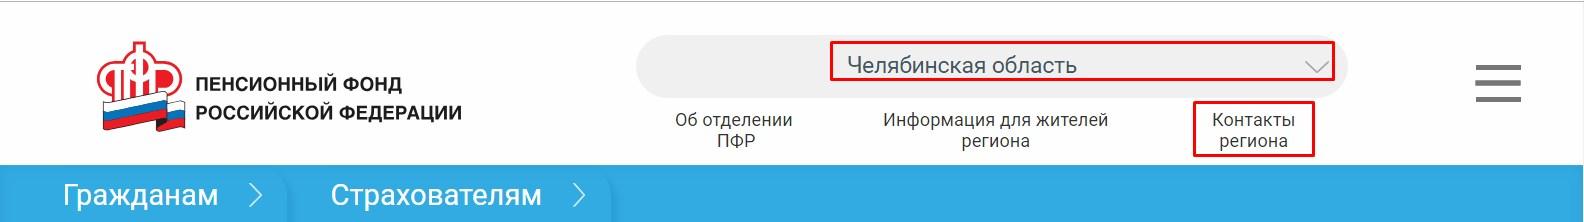 Пенсионный фондЧелябинской области